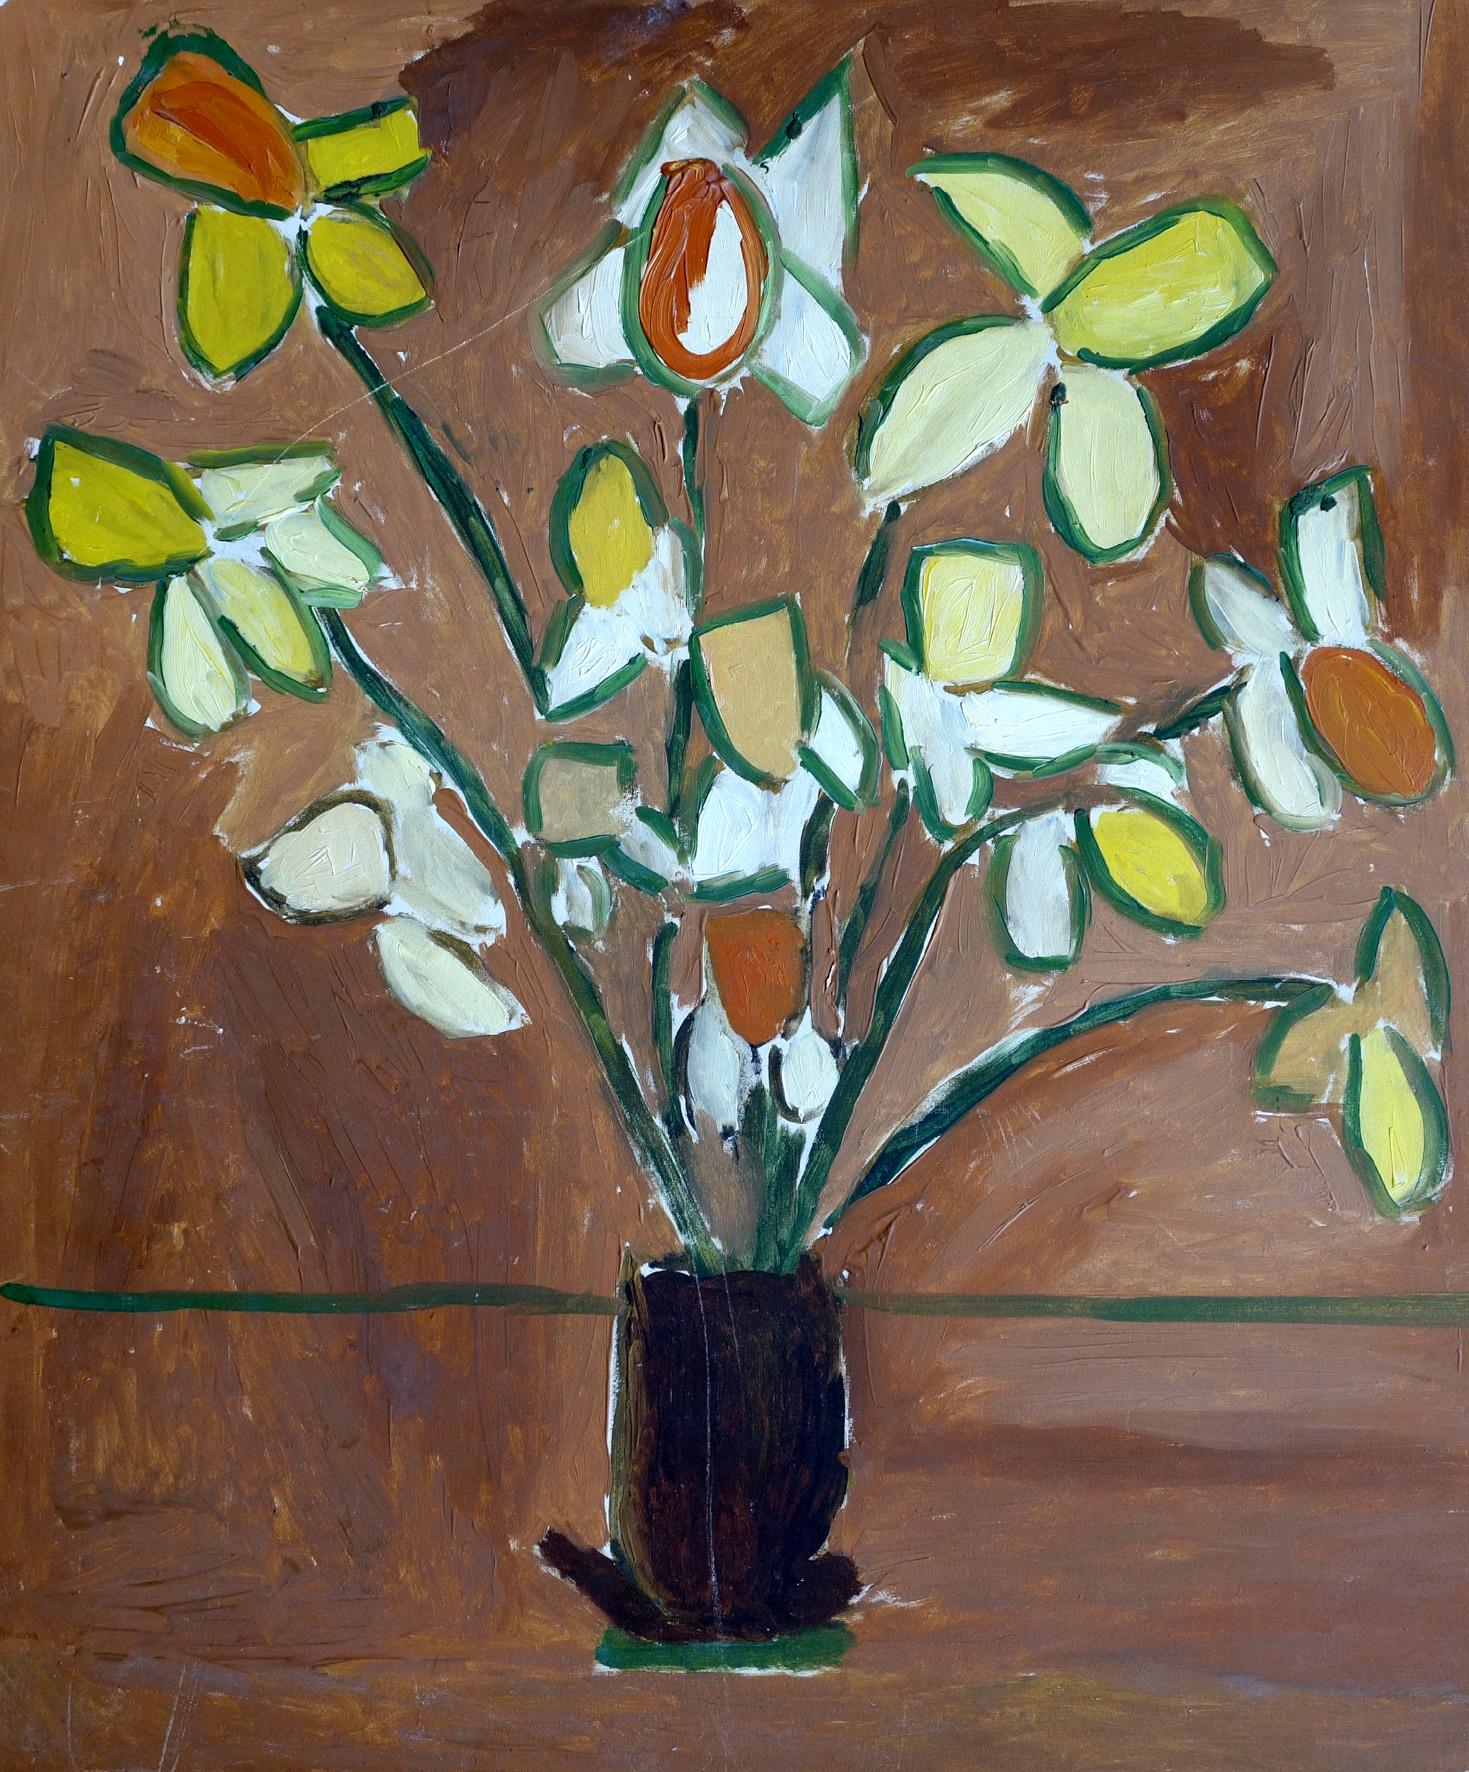 Artistes inconnus ou pas connus voire connus archives du for Bouquet de fleurs 2016